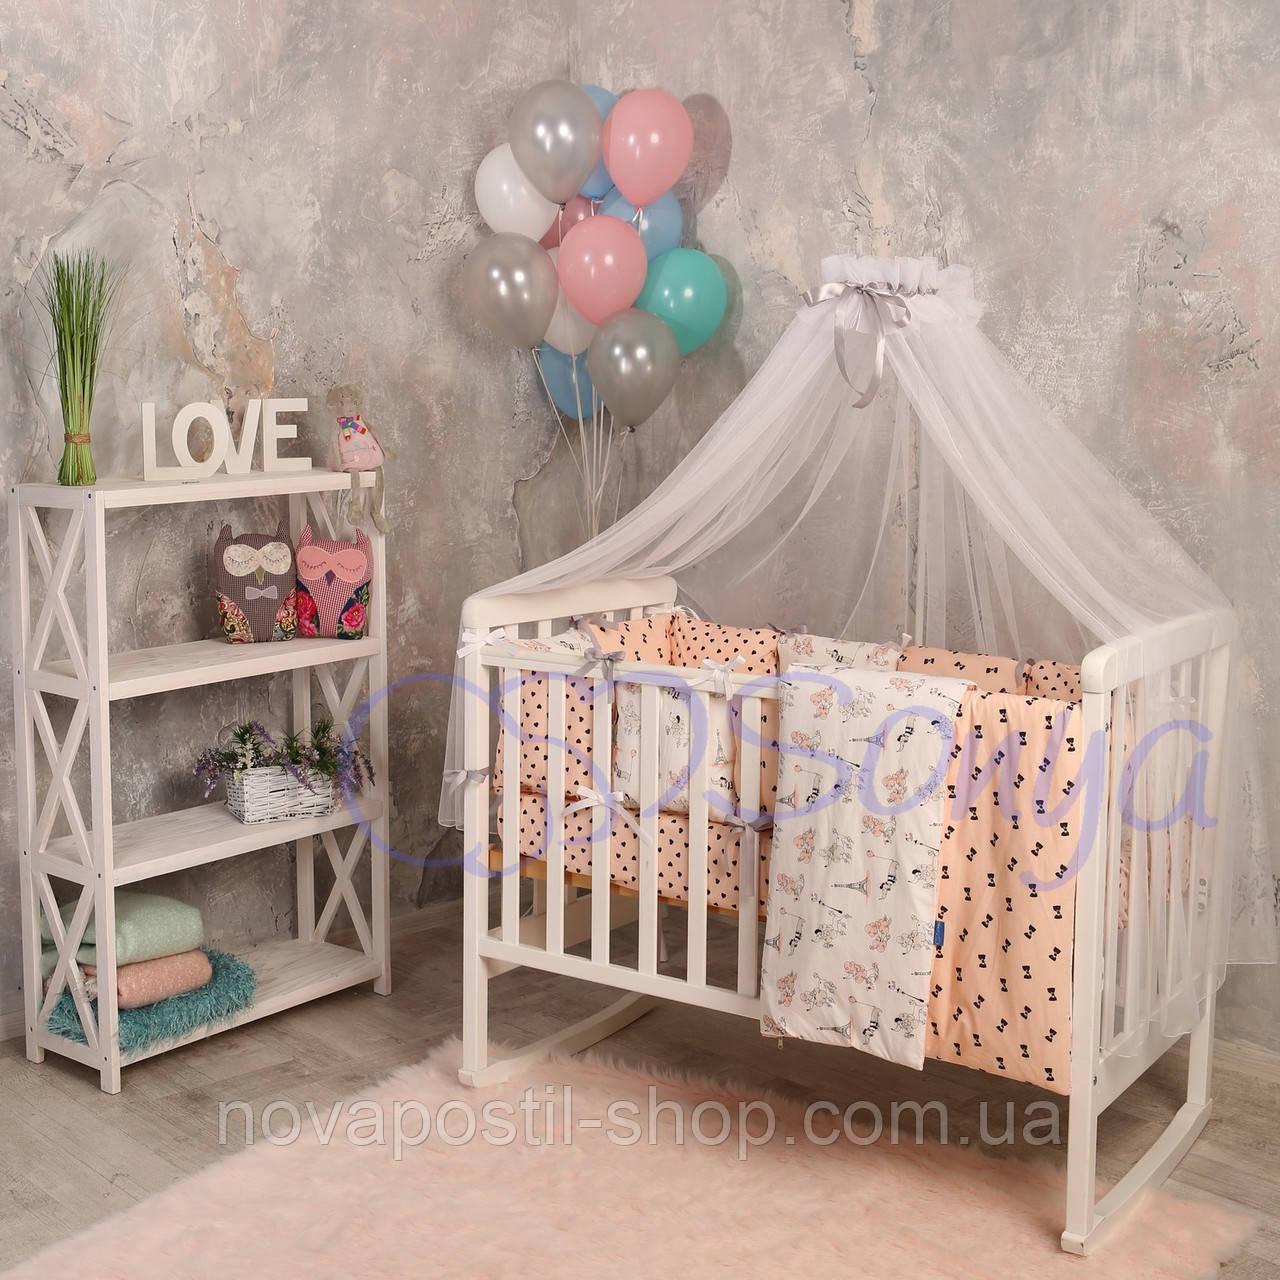 Набор в детскую кроватку Baby Design пуделя (7 предметов)